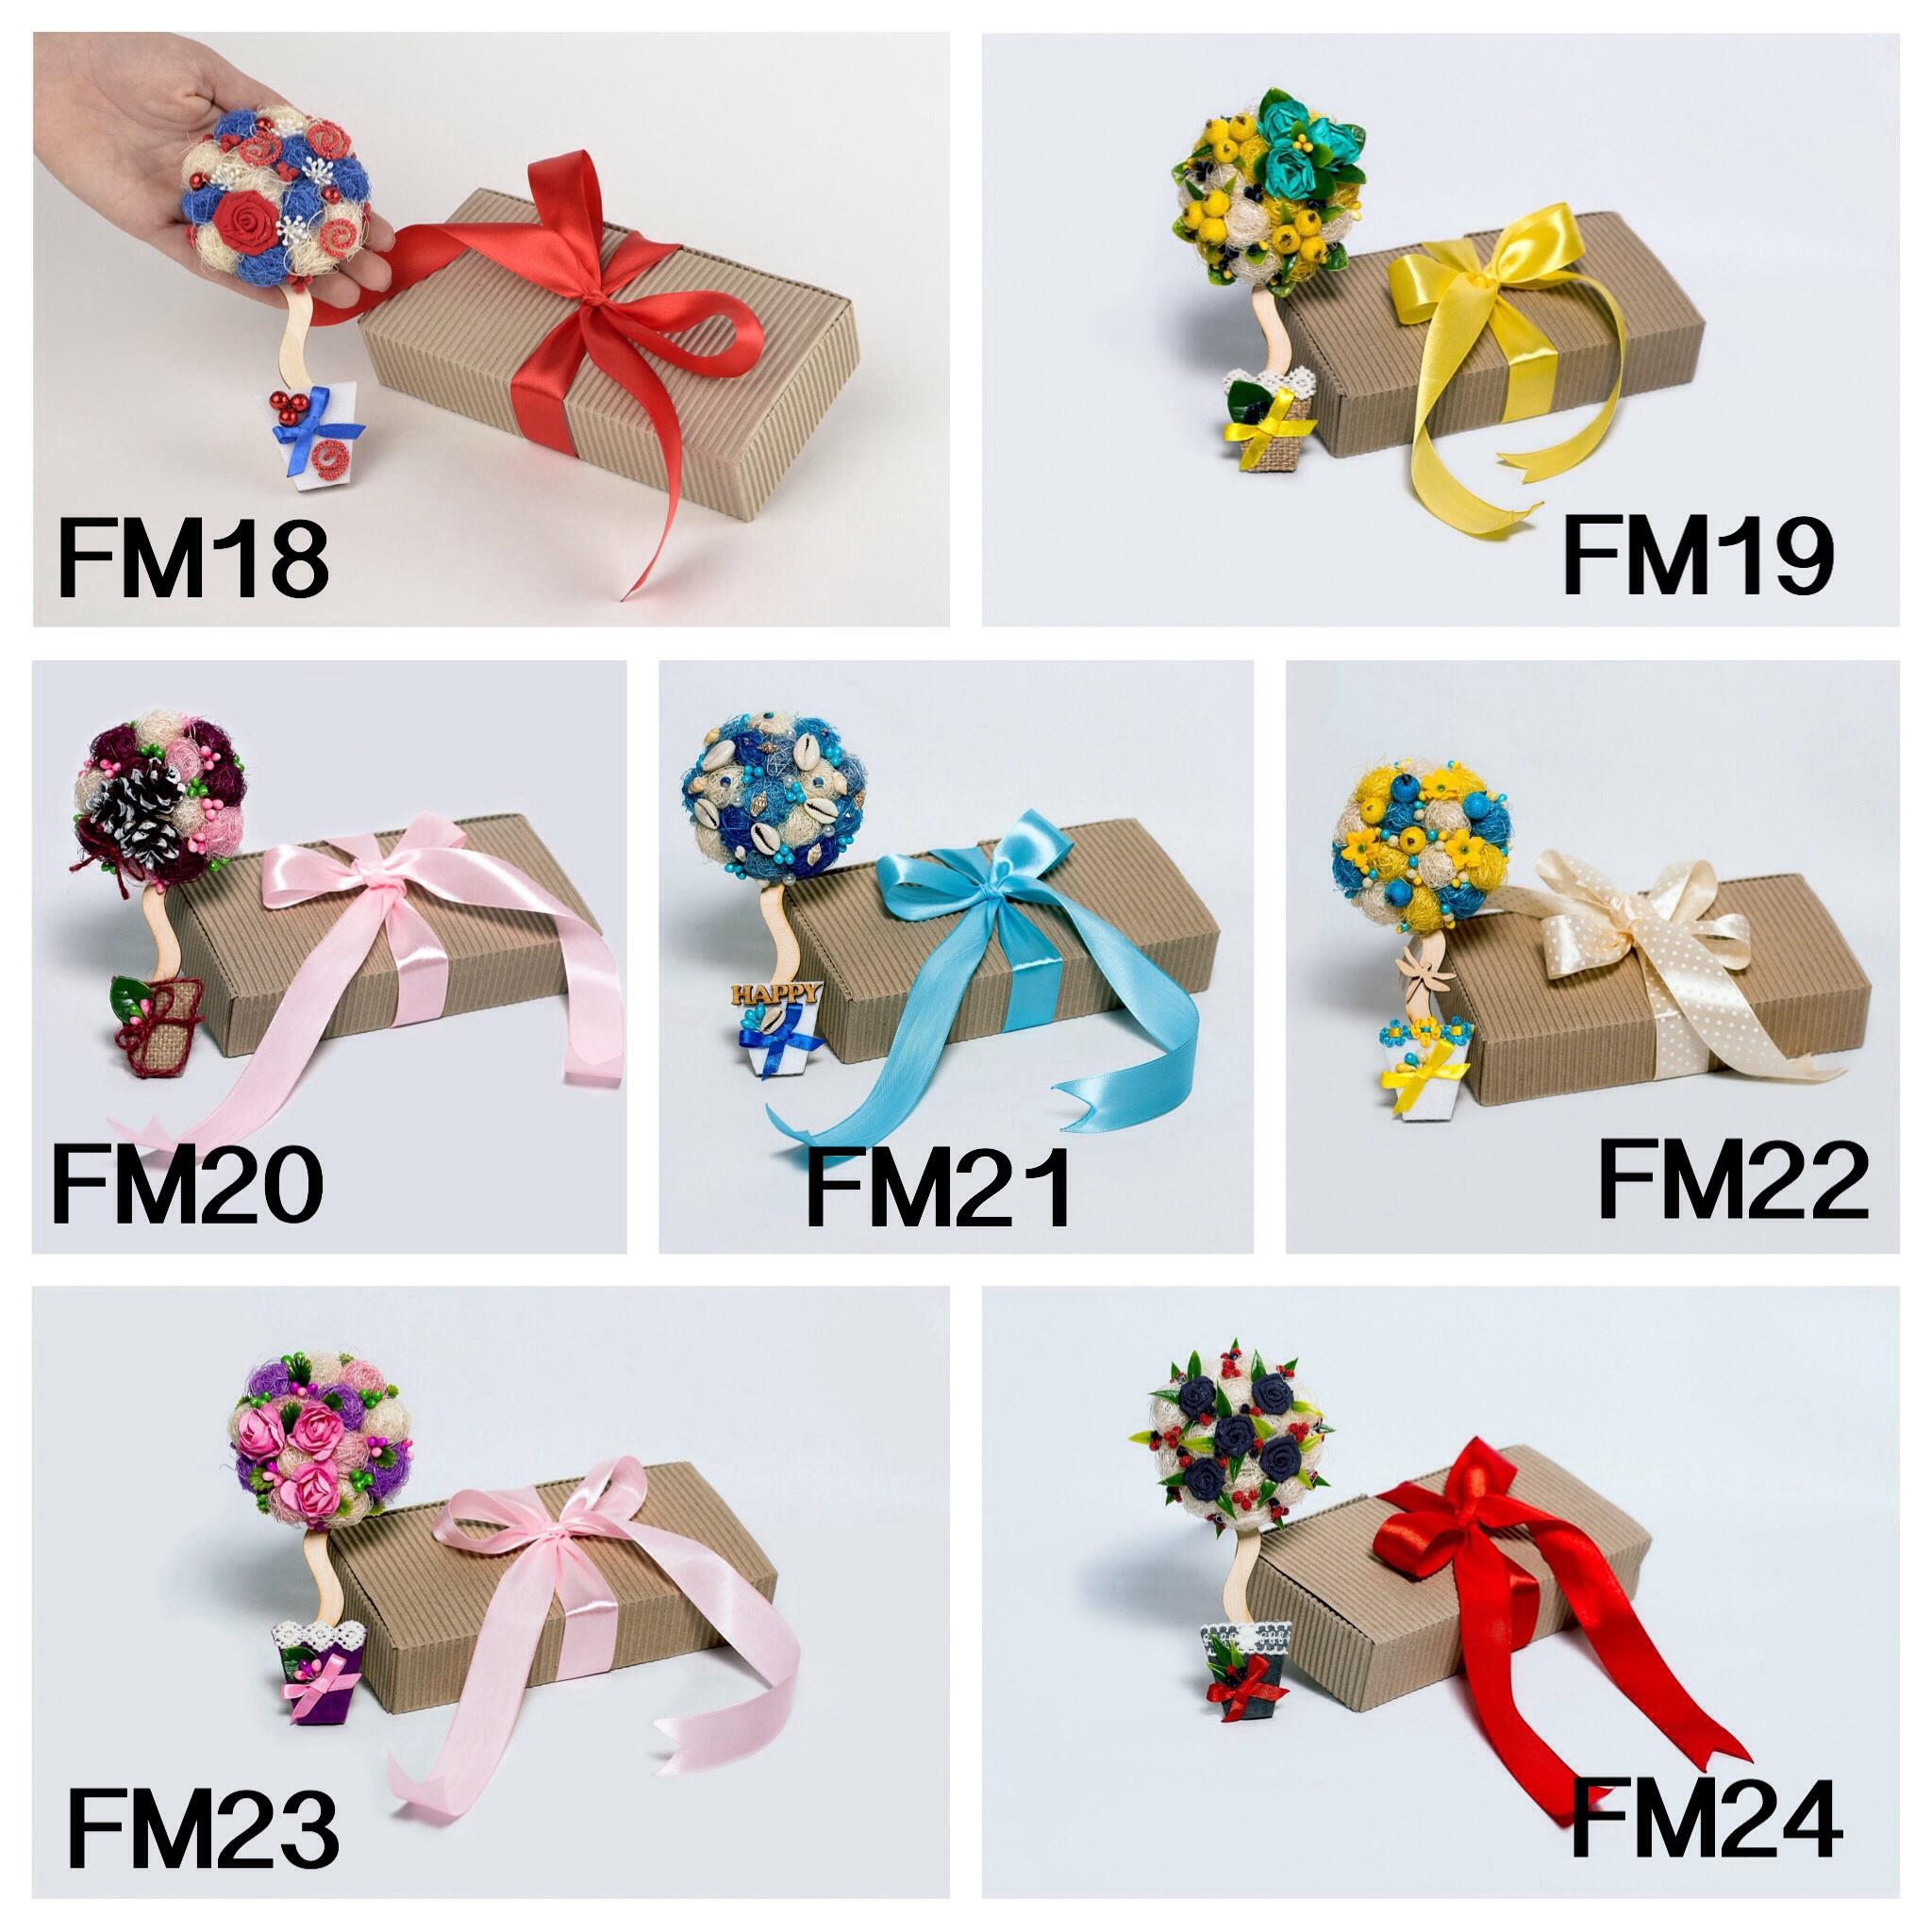 Flower Magnet Gift Ideas For Couples Small Gift Ideas For Sister For Friends For Grandma For Women Fridge Magnet Cheap Gifts Handmade Fm11 Sold By Bon Fleurs On Storenvy